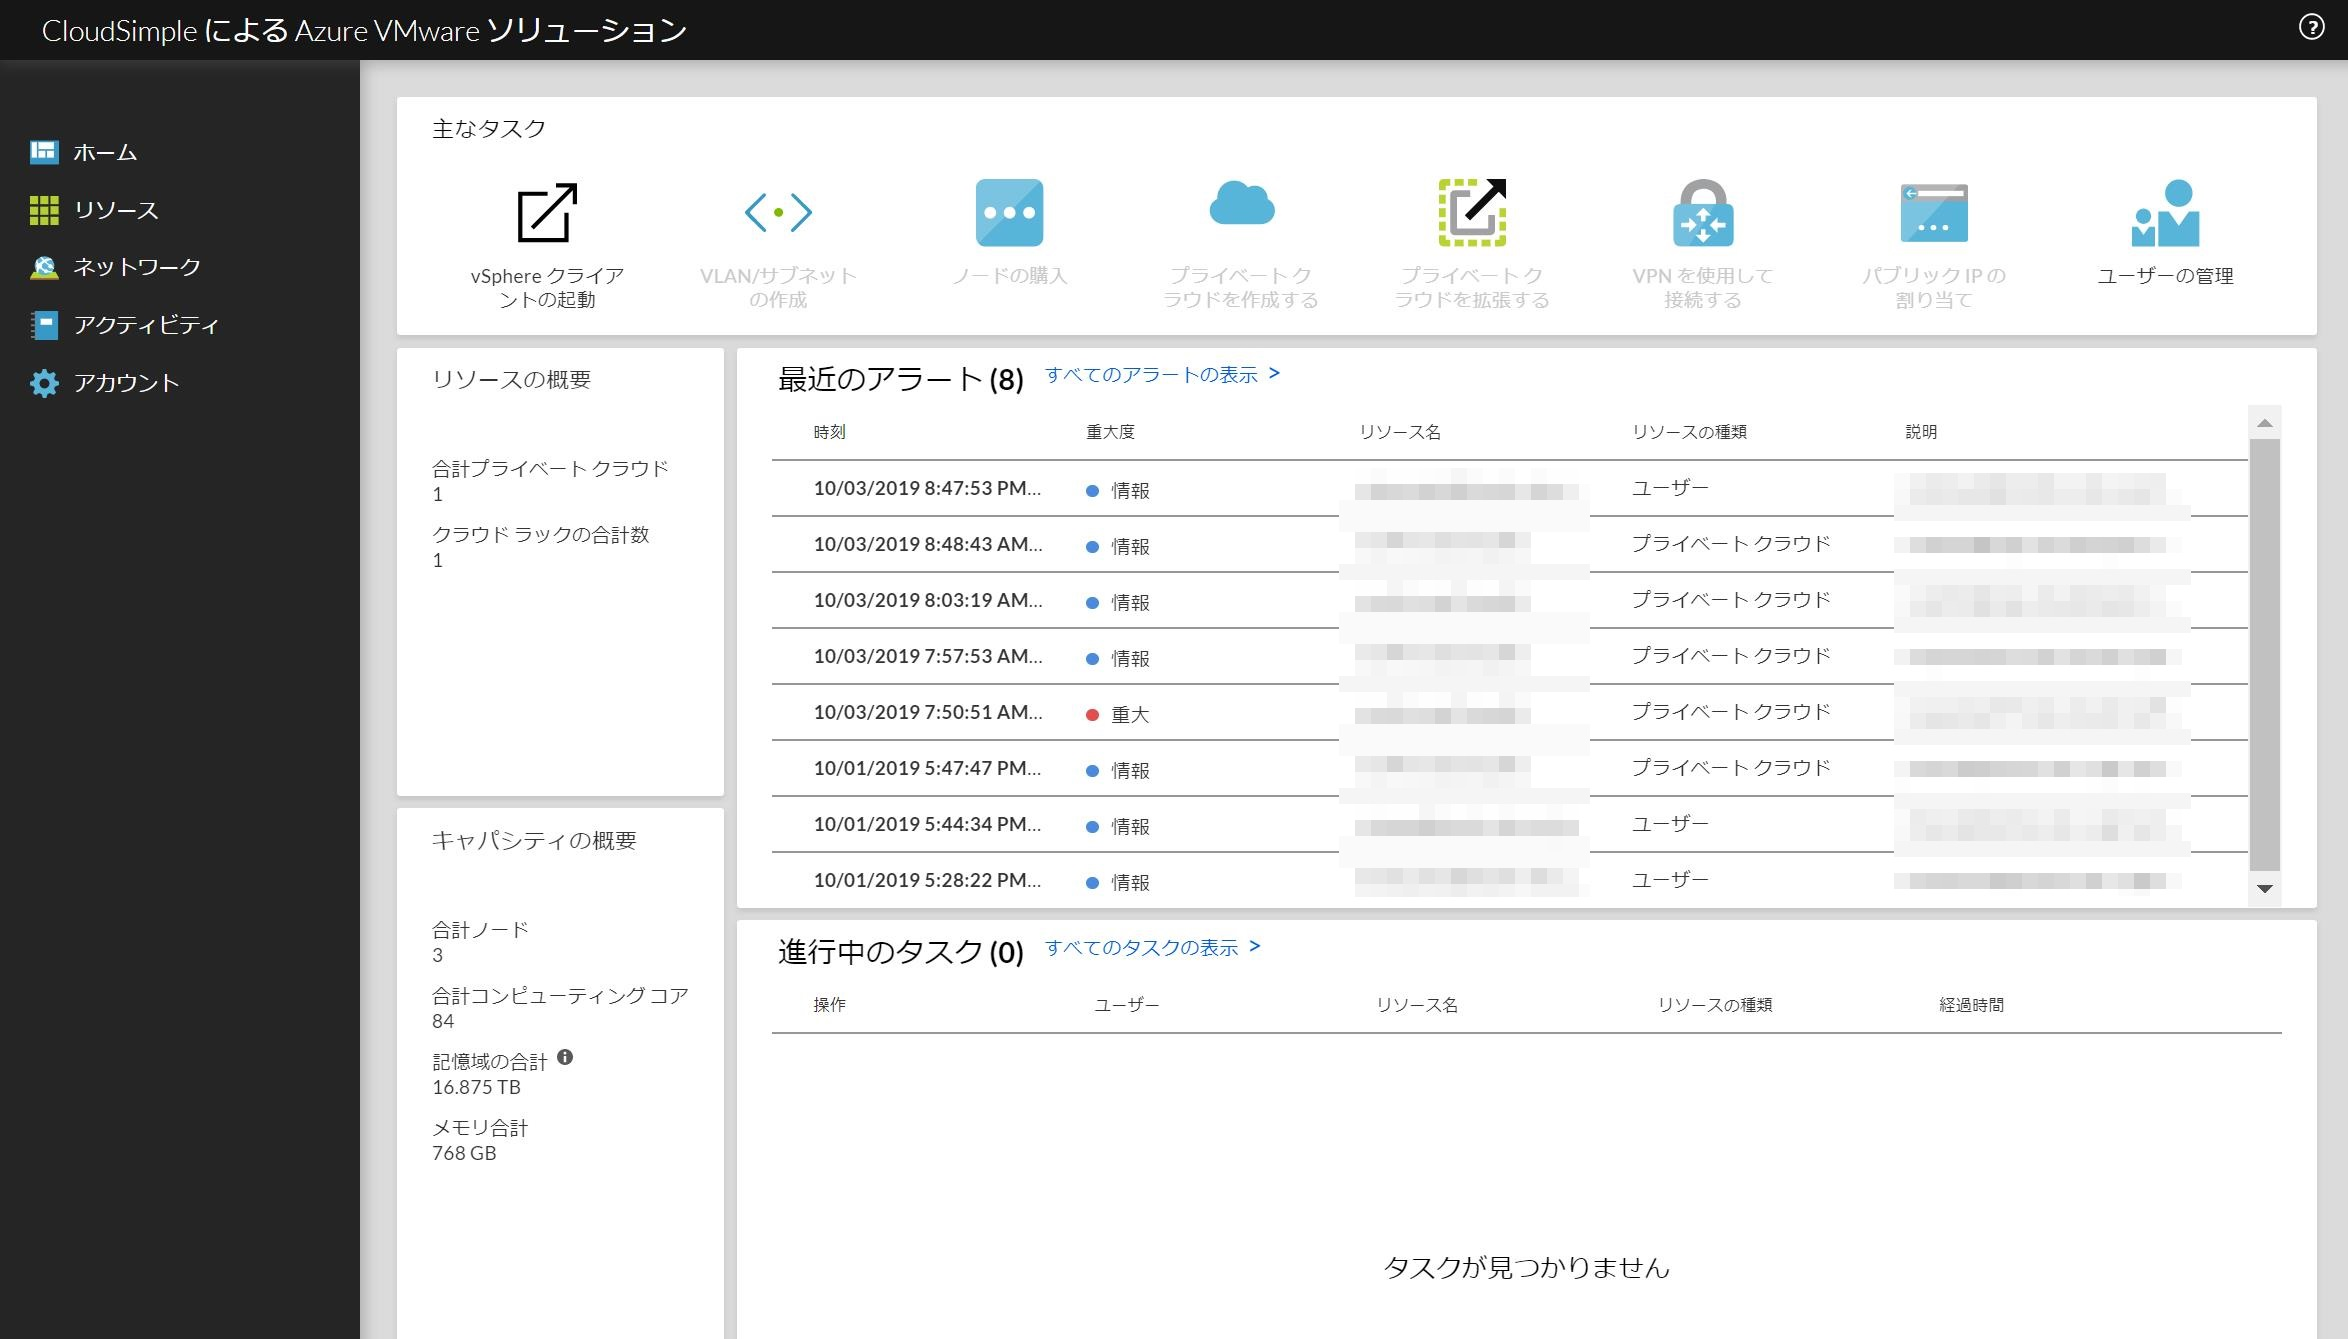 Azure VMware SolutionのCloudSimpleポータル